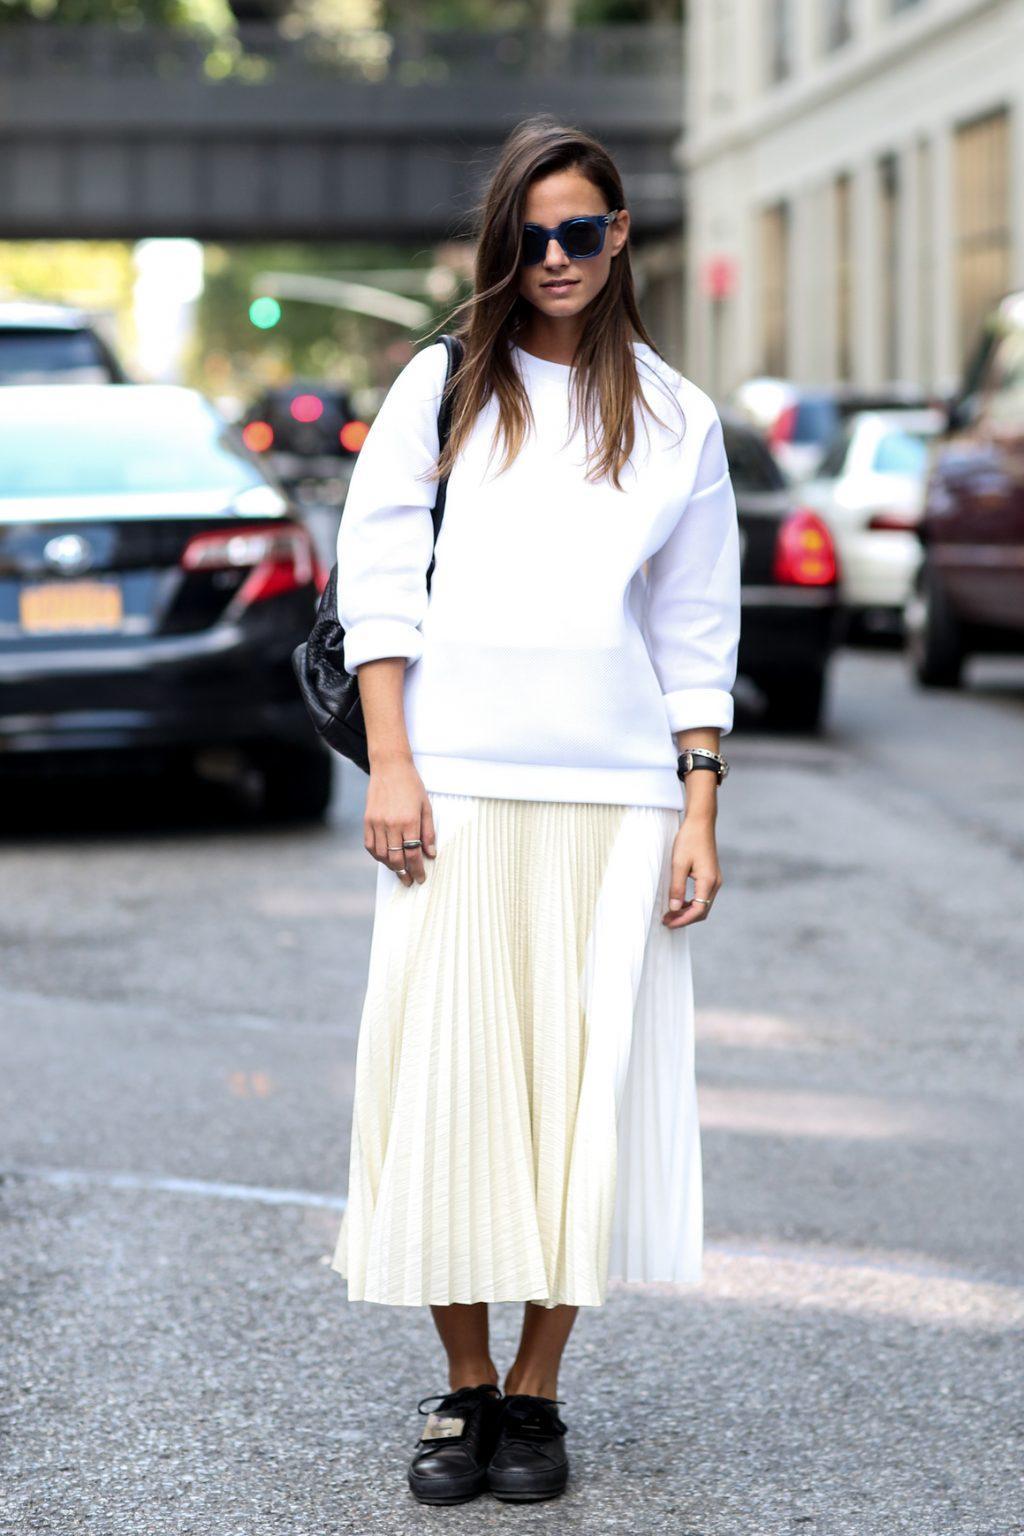 Стиль нормкор: 6 способов одеться просто и со вкусом